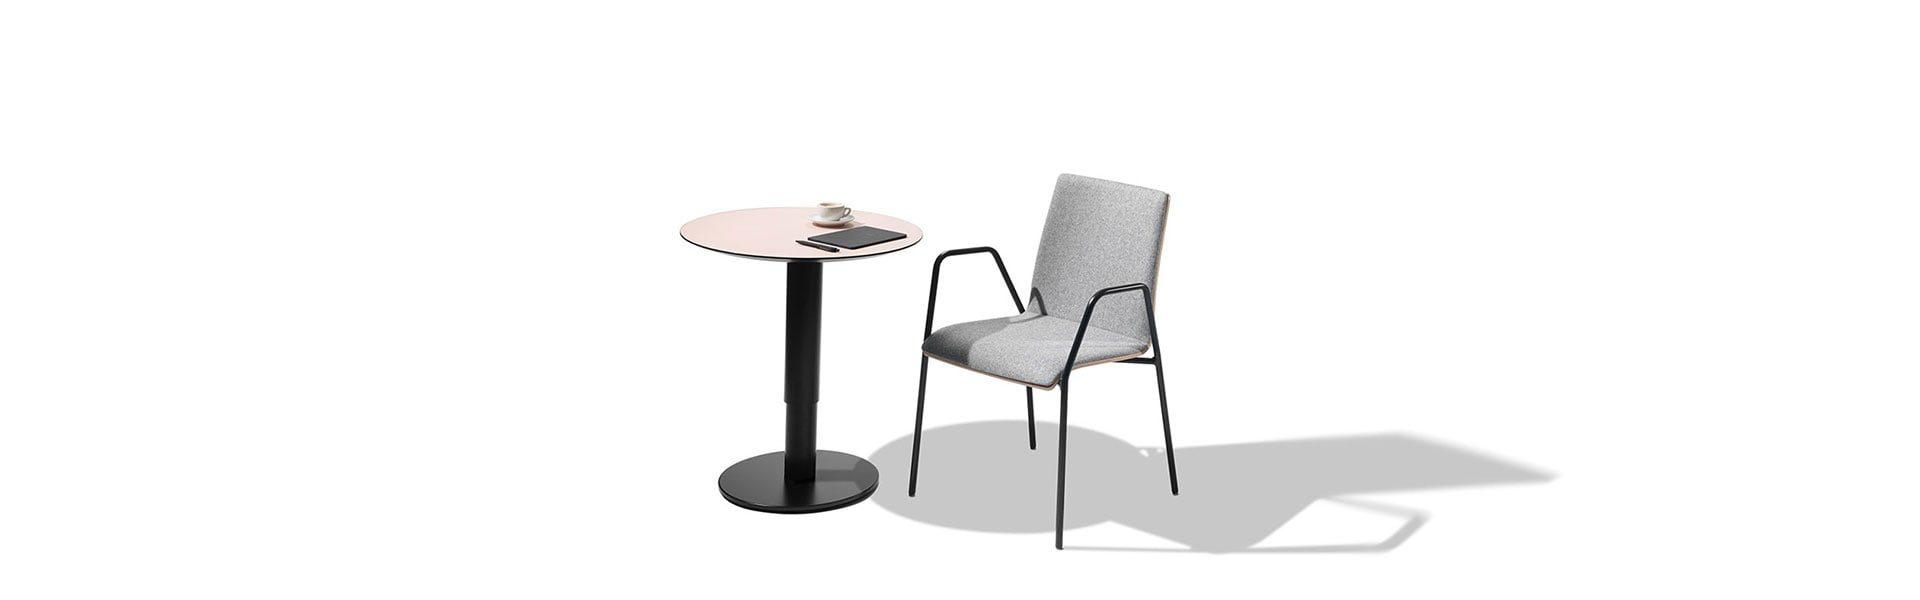 malschersitzmoebel-stuhl-beistellstisch-225